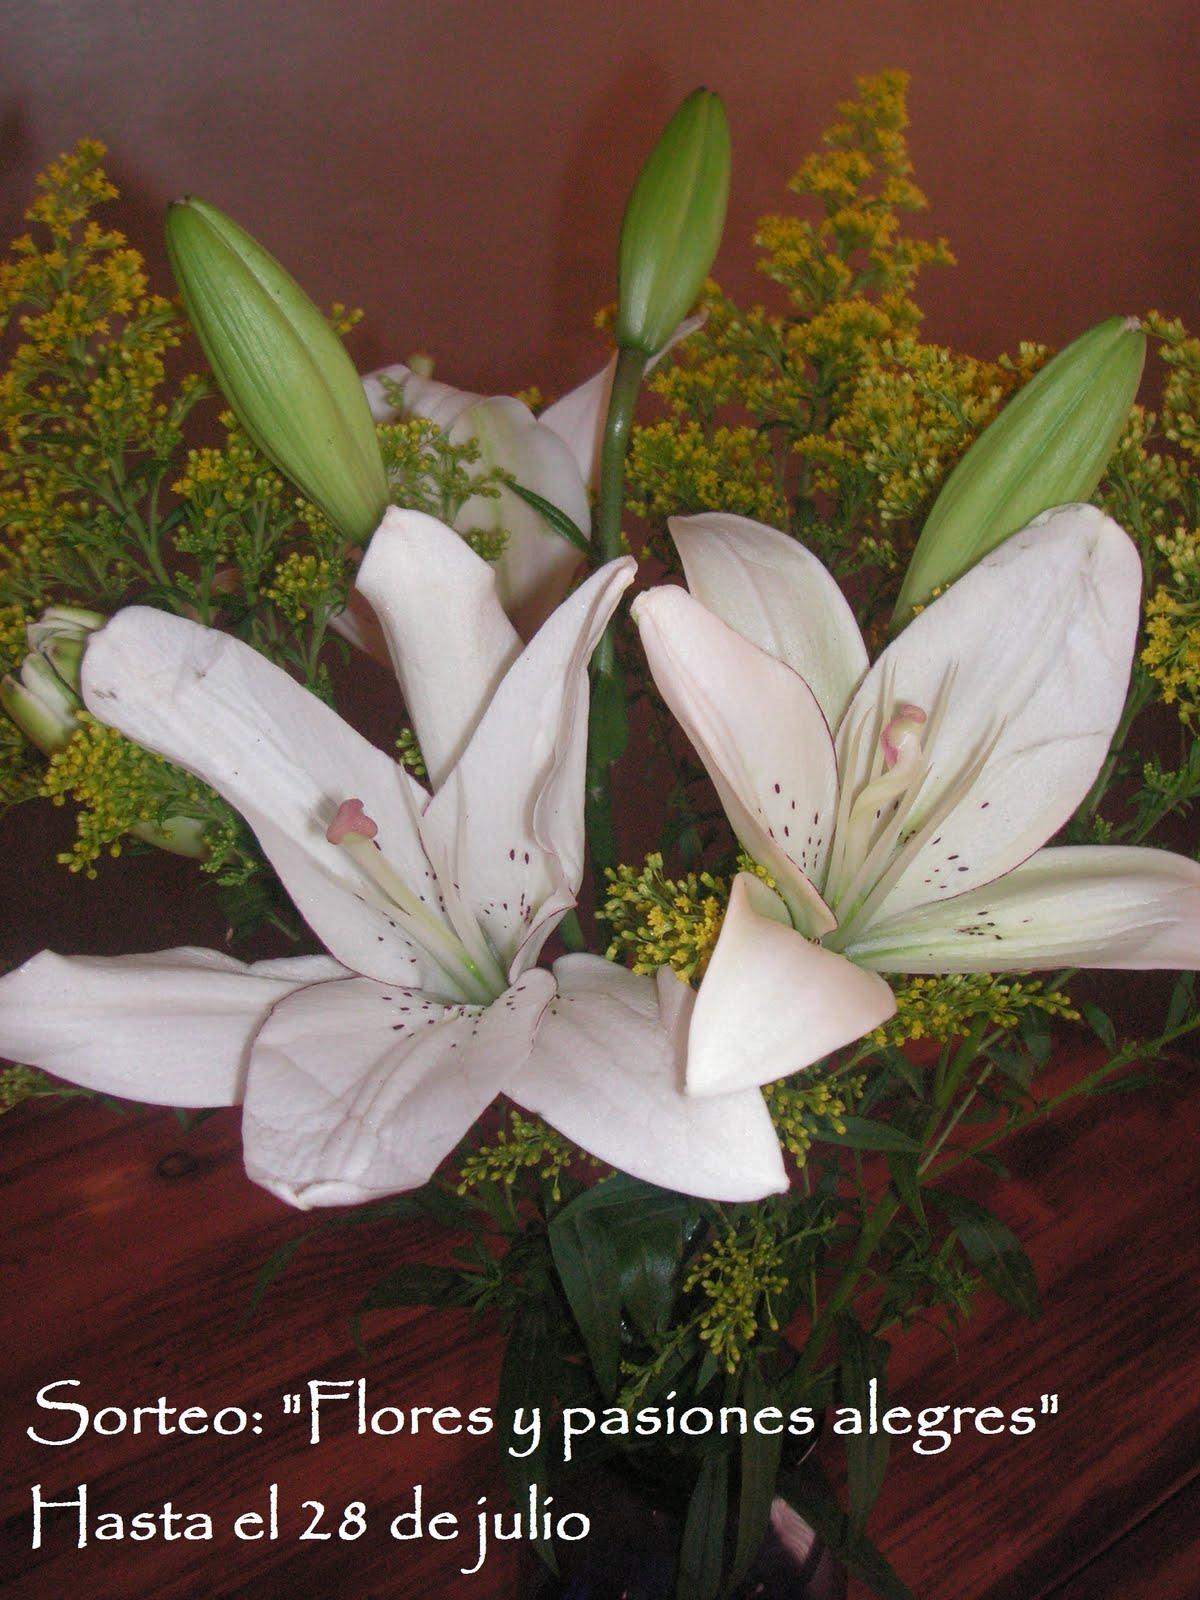 La casa de los mart nez sorteo flores y pasiones alegres raffle flowers and happy passions - Casa de los espiritus alegres ...